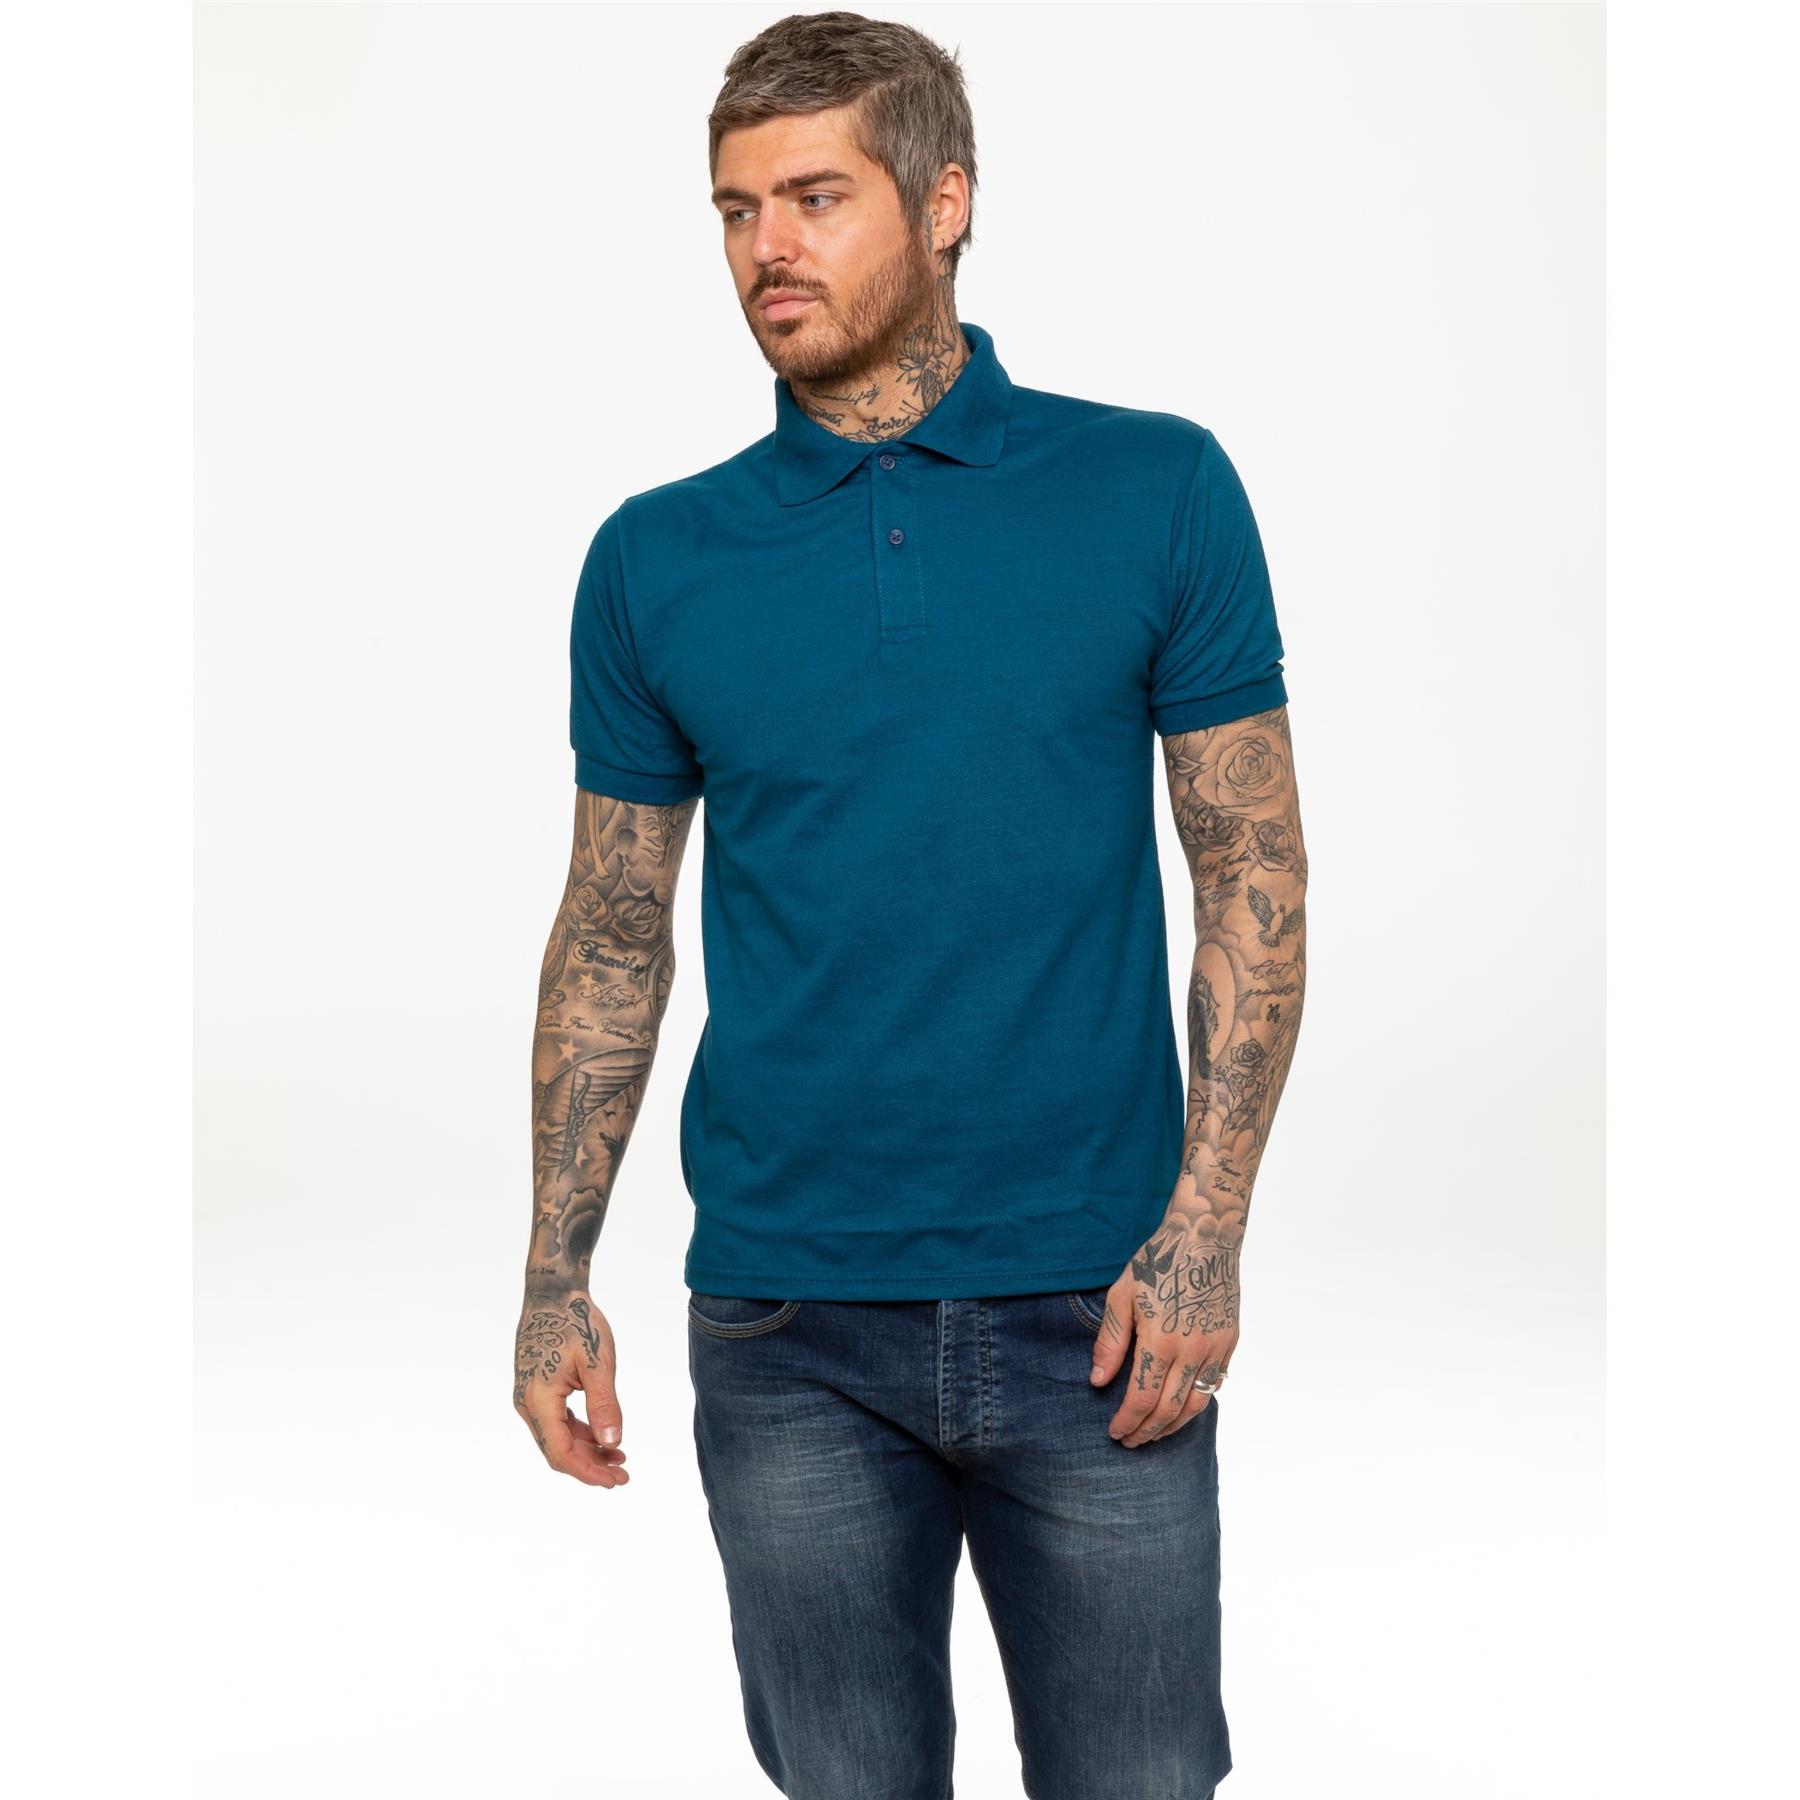 Indexbild 27 - Herren Polohemd Freizeit T-Shirts Neu Schlicht Kurzärmeliges Regular Fit